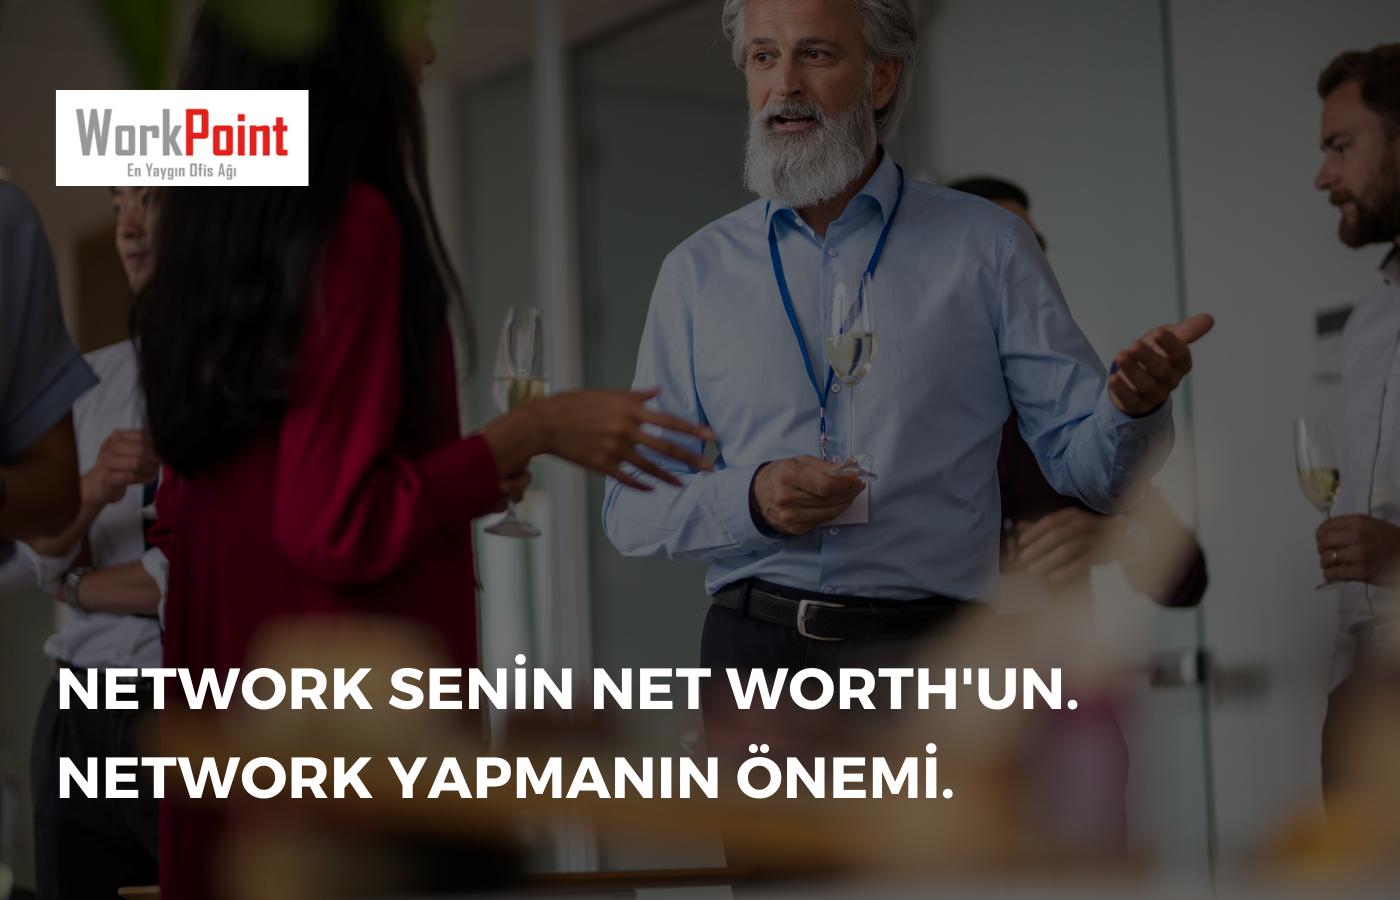 Network Senin Net Worth'un. Network Yapmanın Önemi.